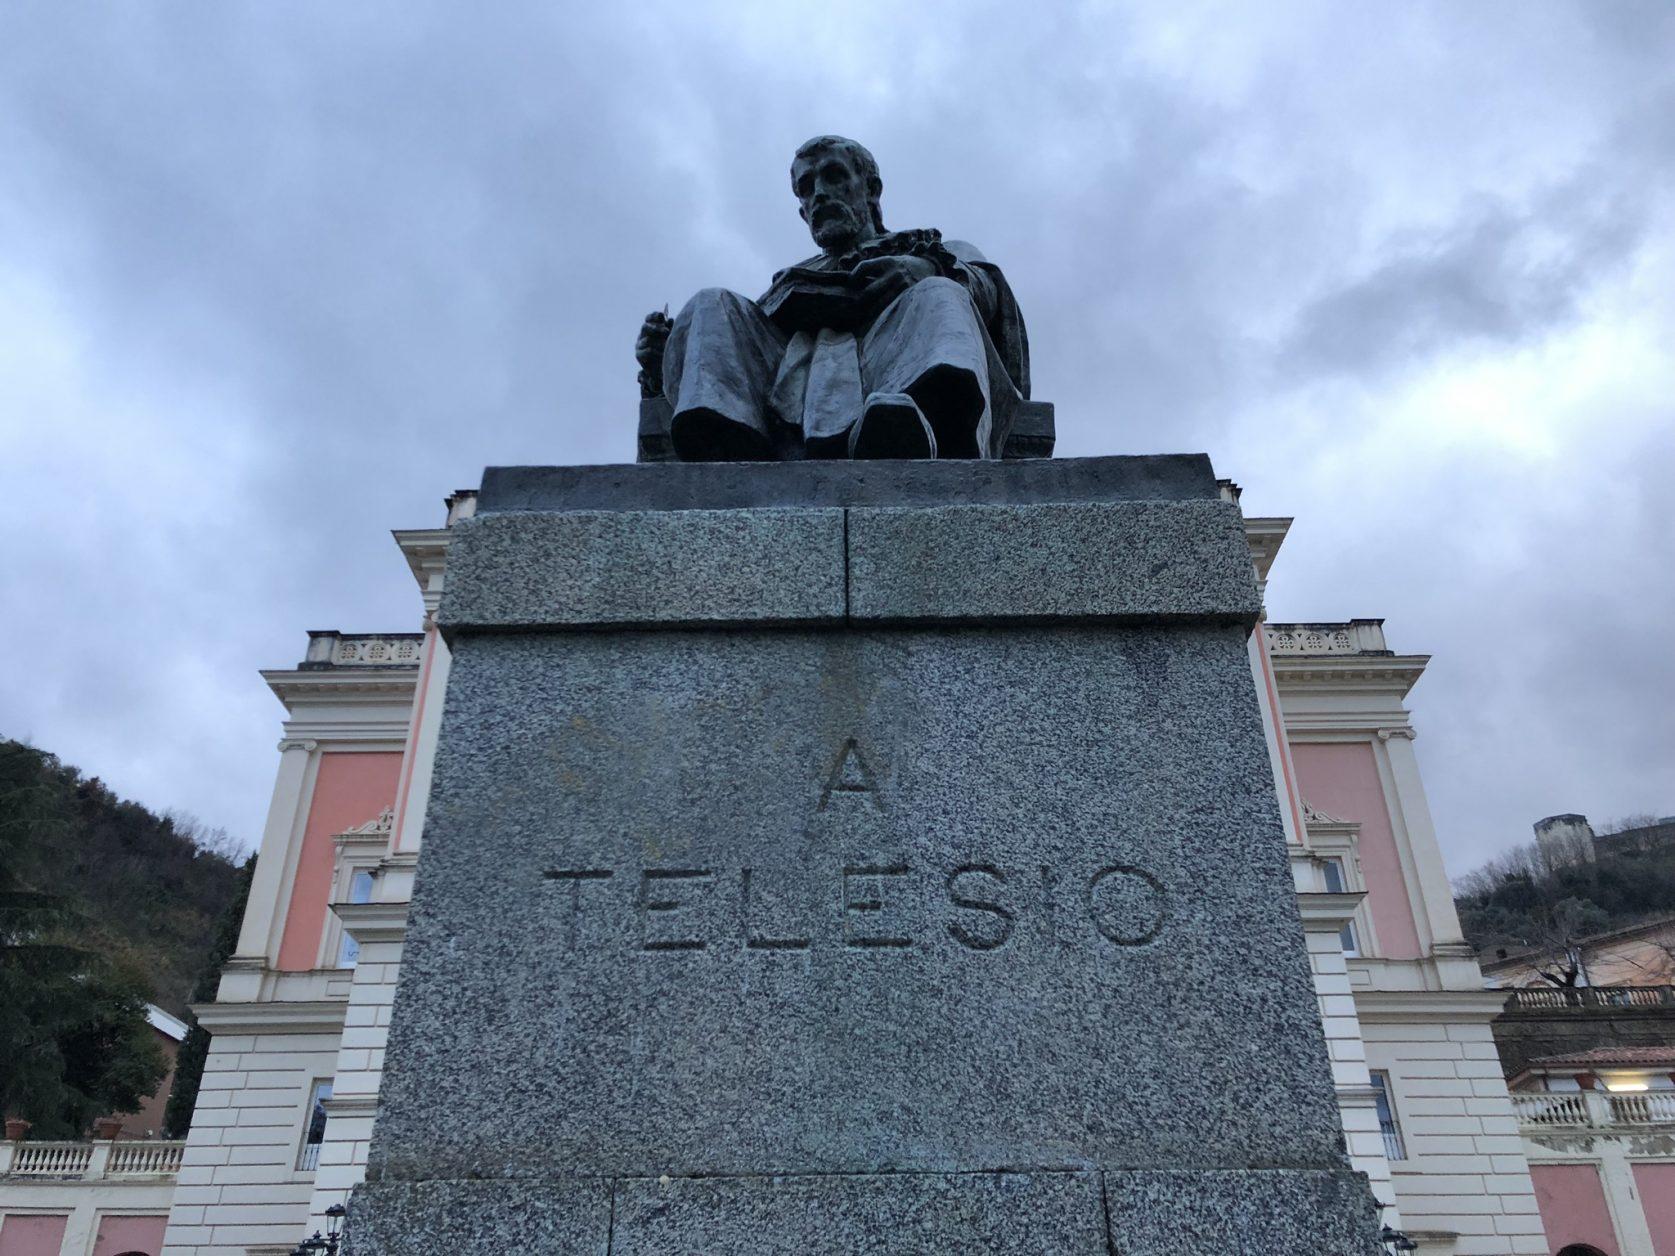 Der italienische Philosoph und Naturforscher Bernardino Telesio stammt aus Cosenza